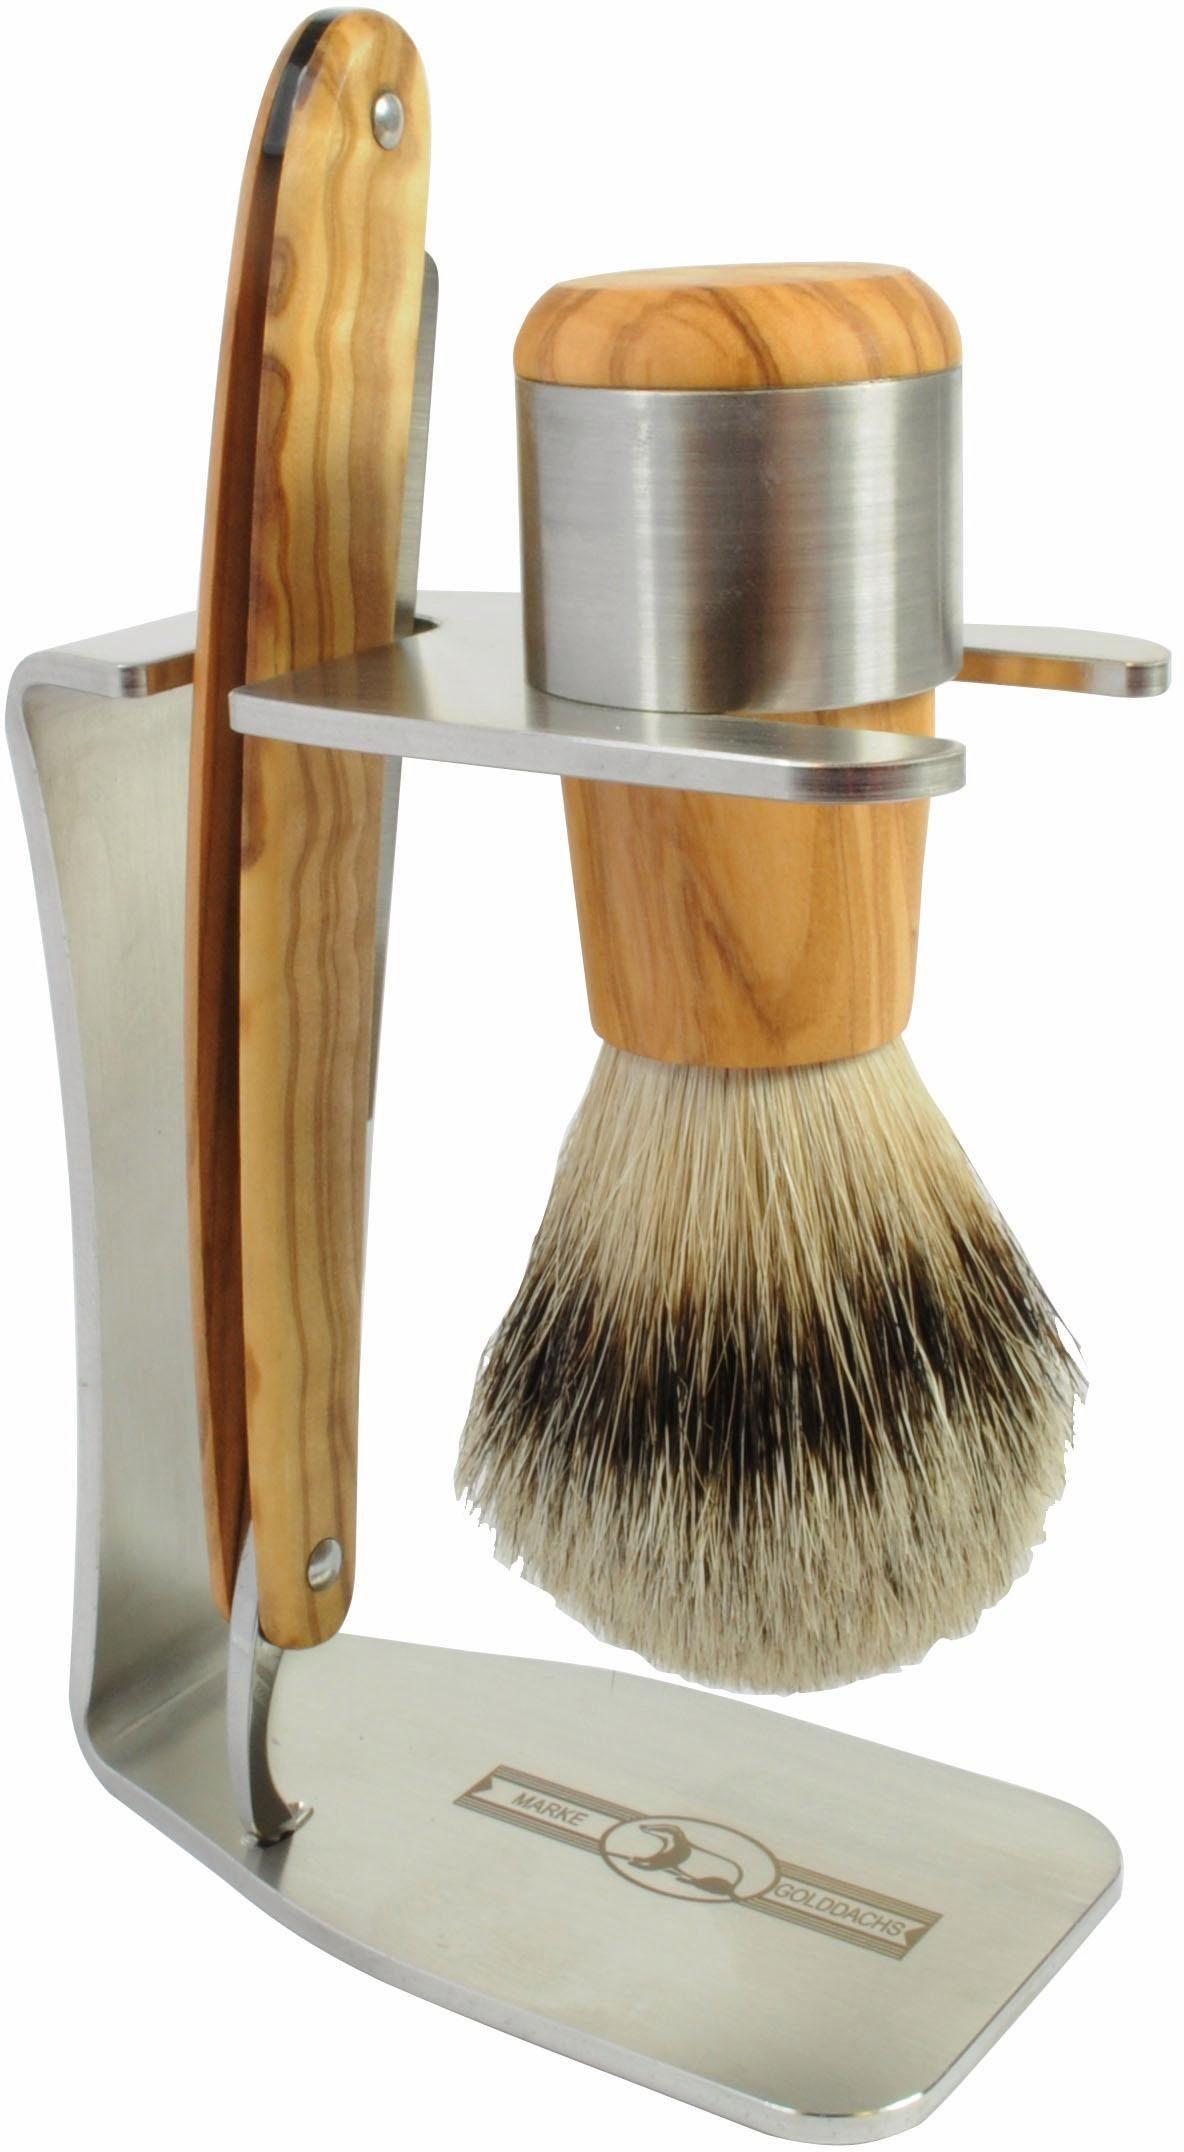 Golddachs, »Rasierset«, mit Rasiermesser und Pinsel (Silberspitze), aus Olivenholz (2-tlg.)